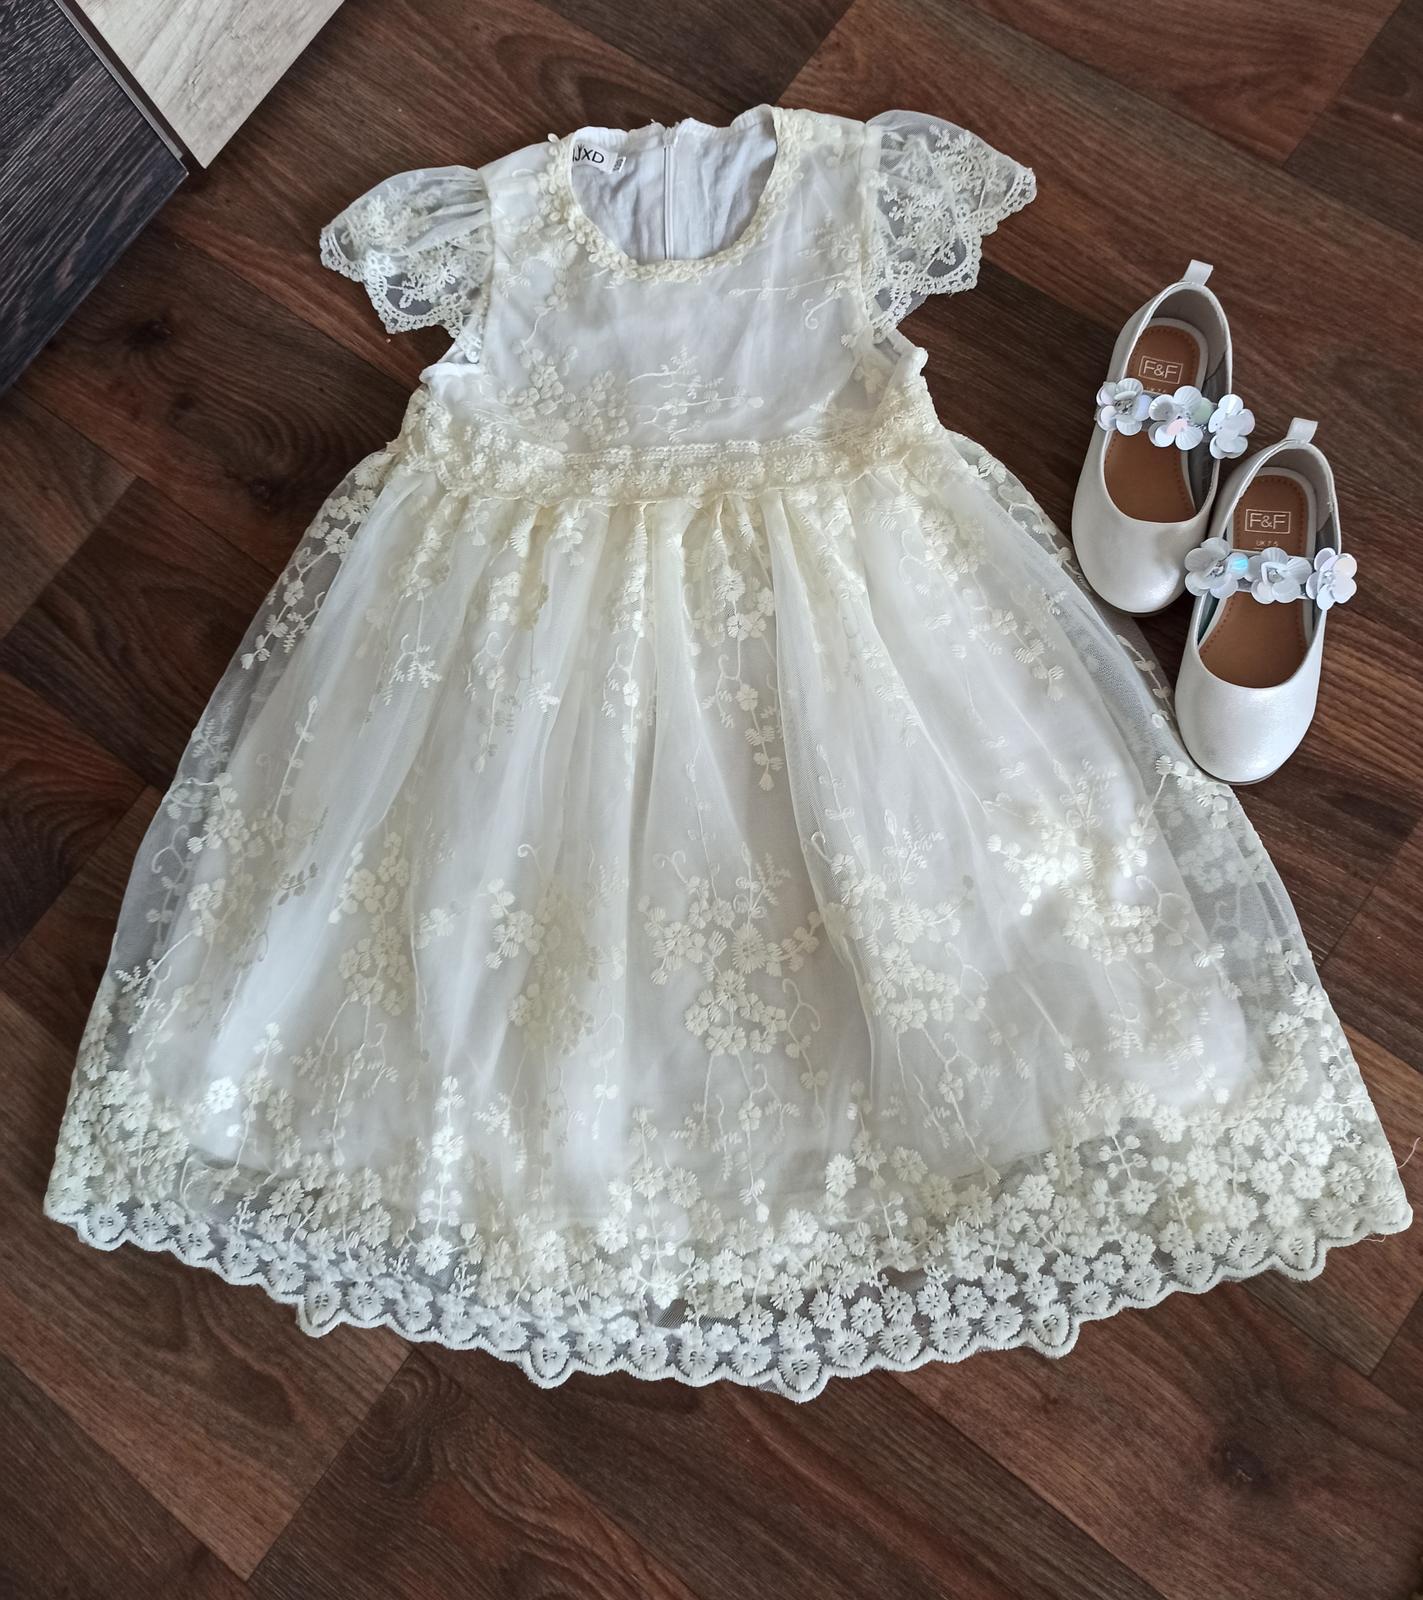 šaty + boty - Obrázek č. 1